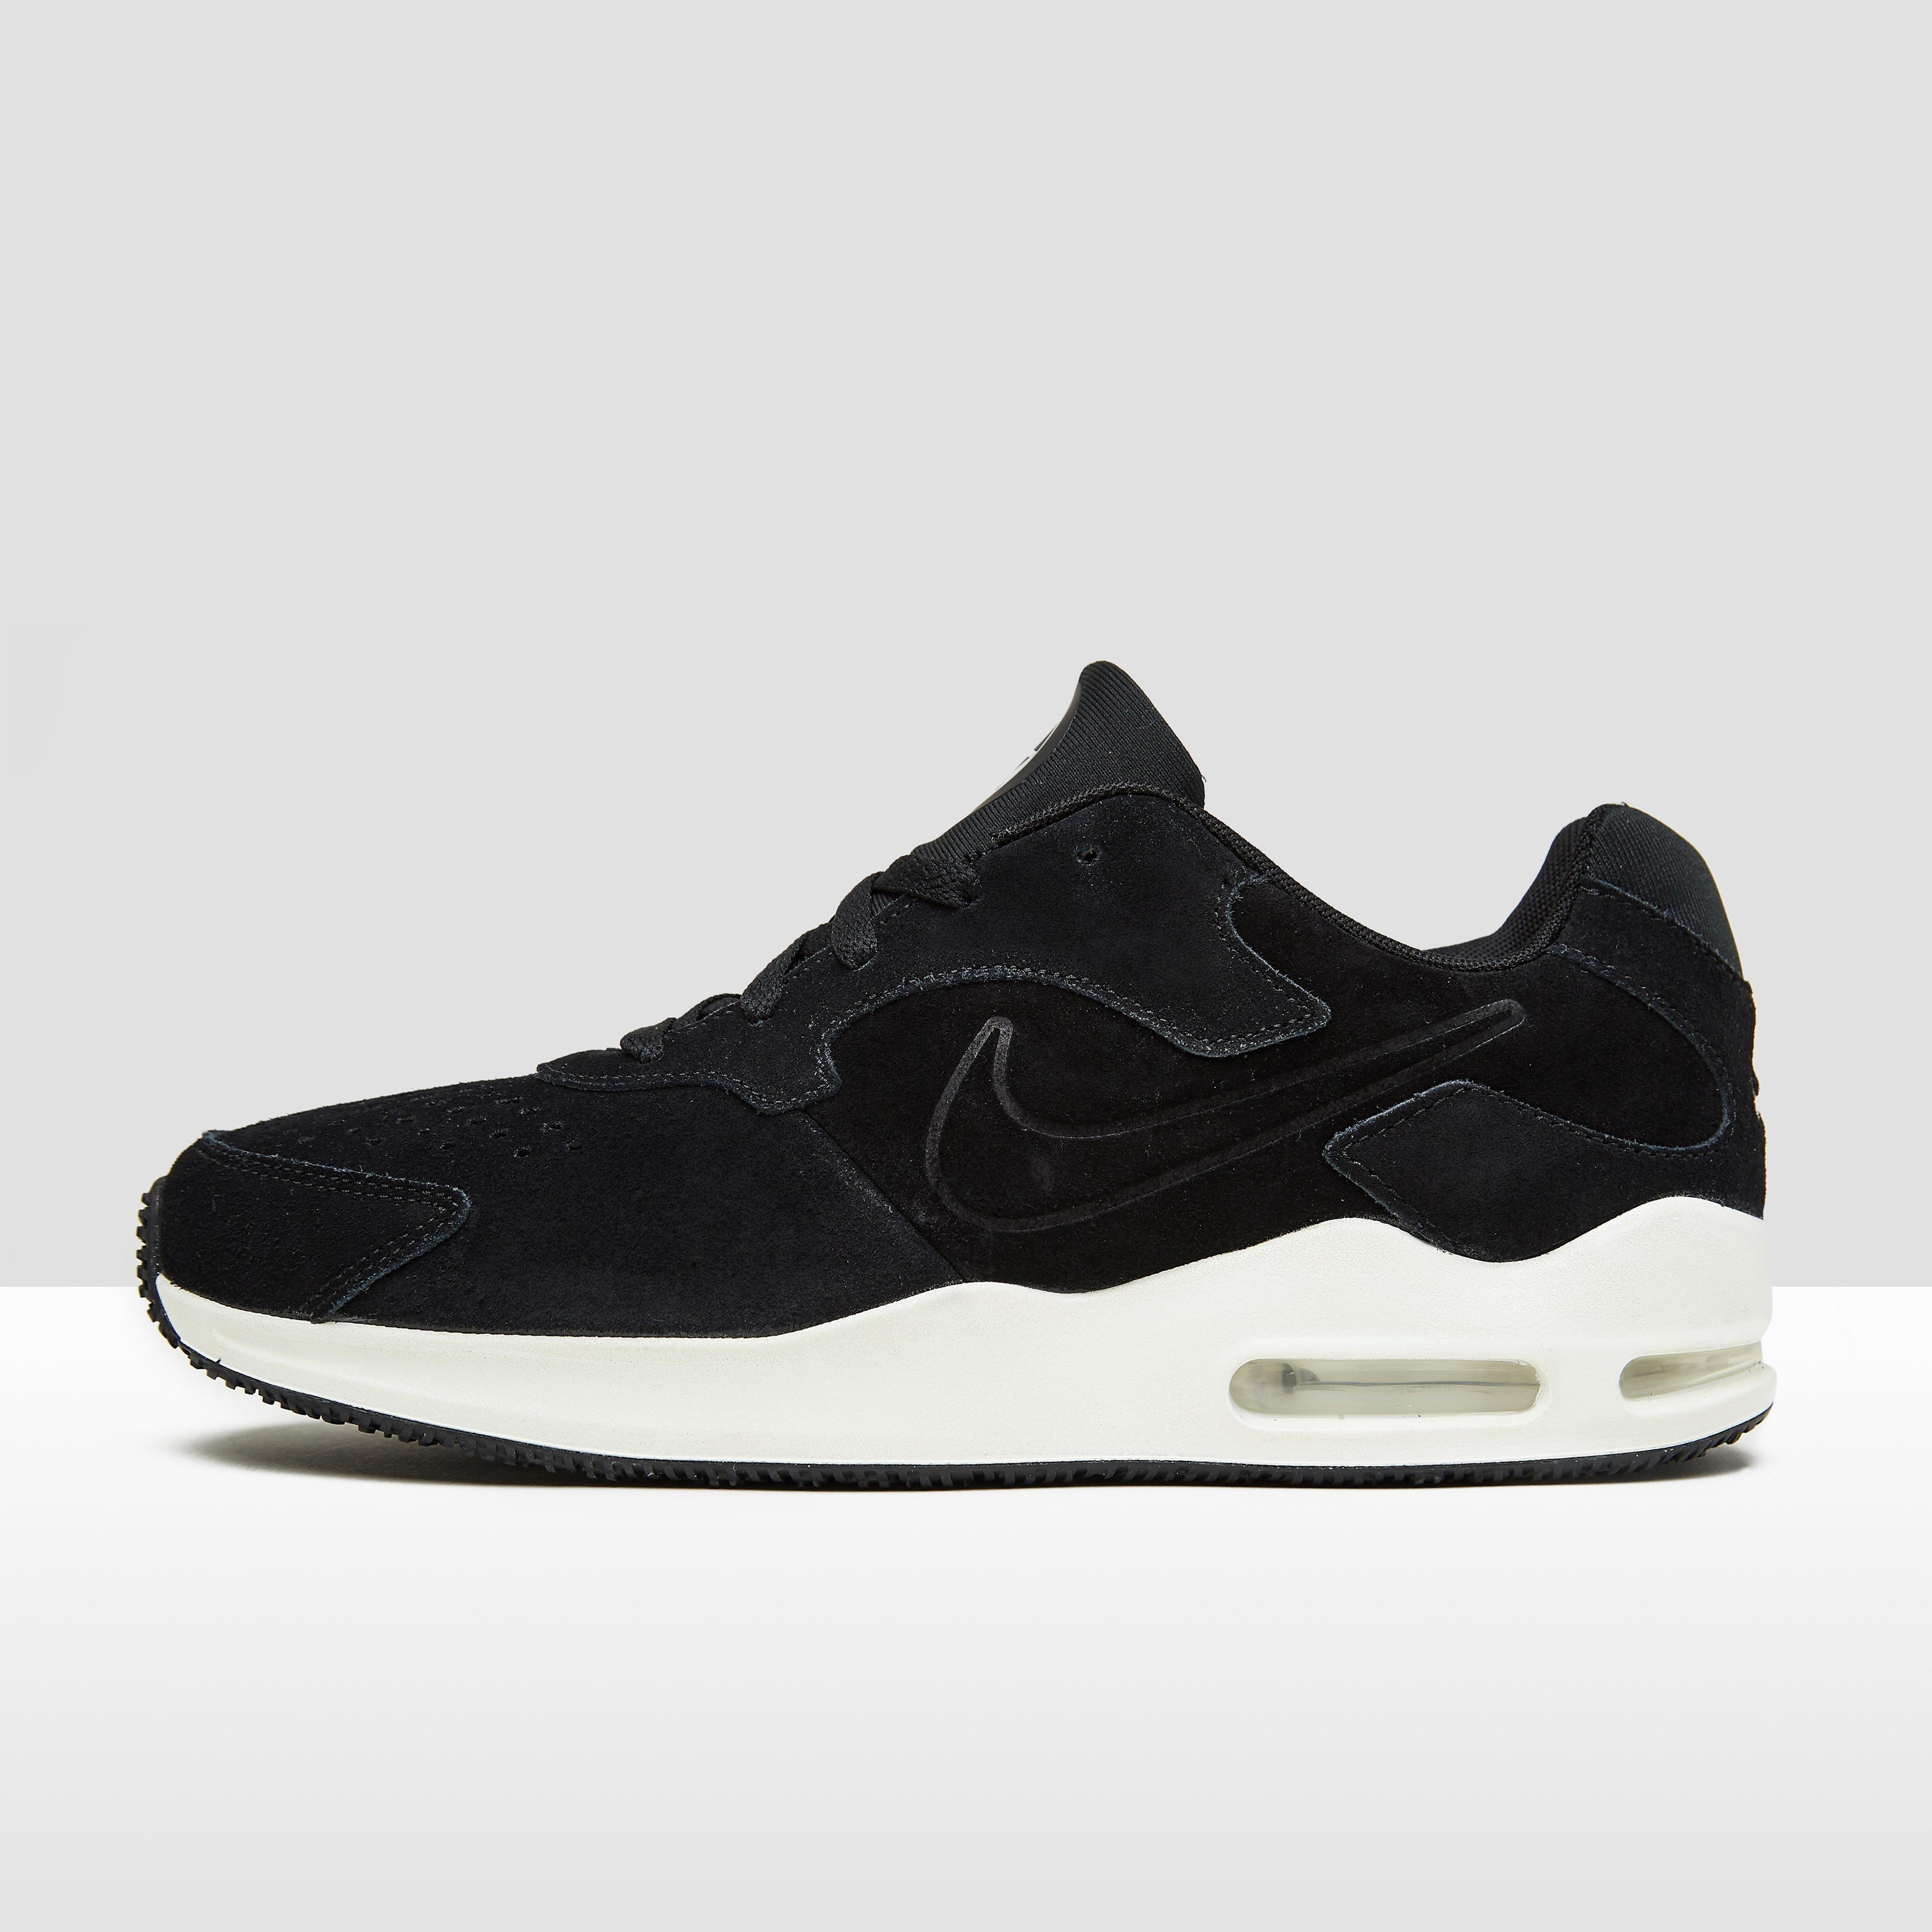 Noir Chaussures Nike Air Max Pour Les Hommes Guile z0tRnag